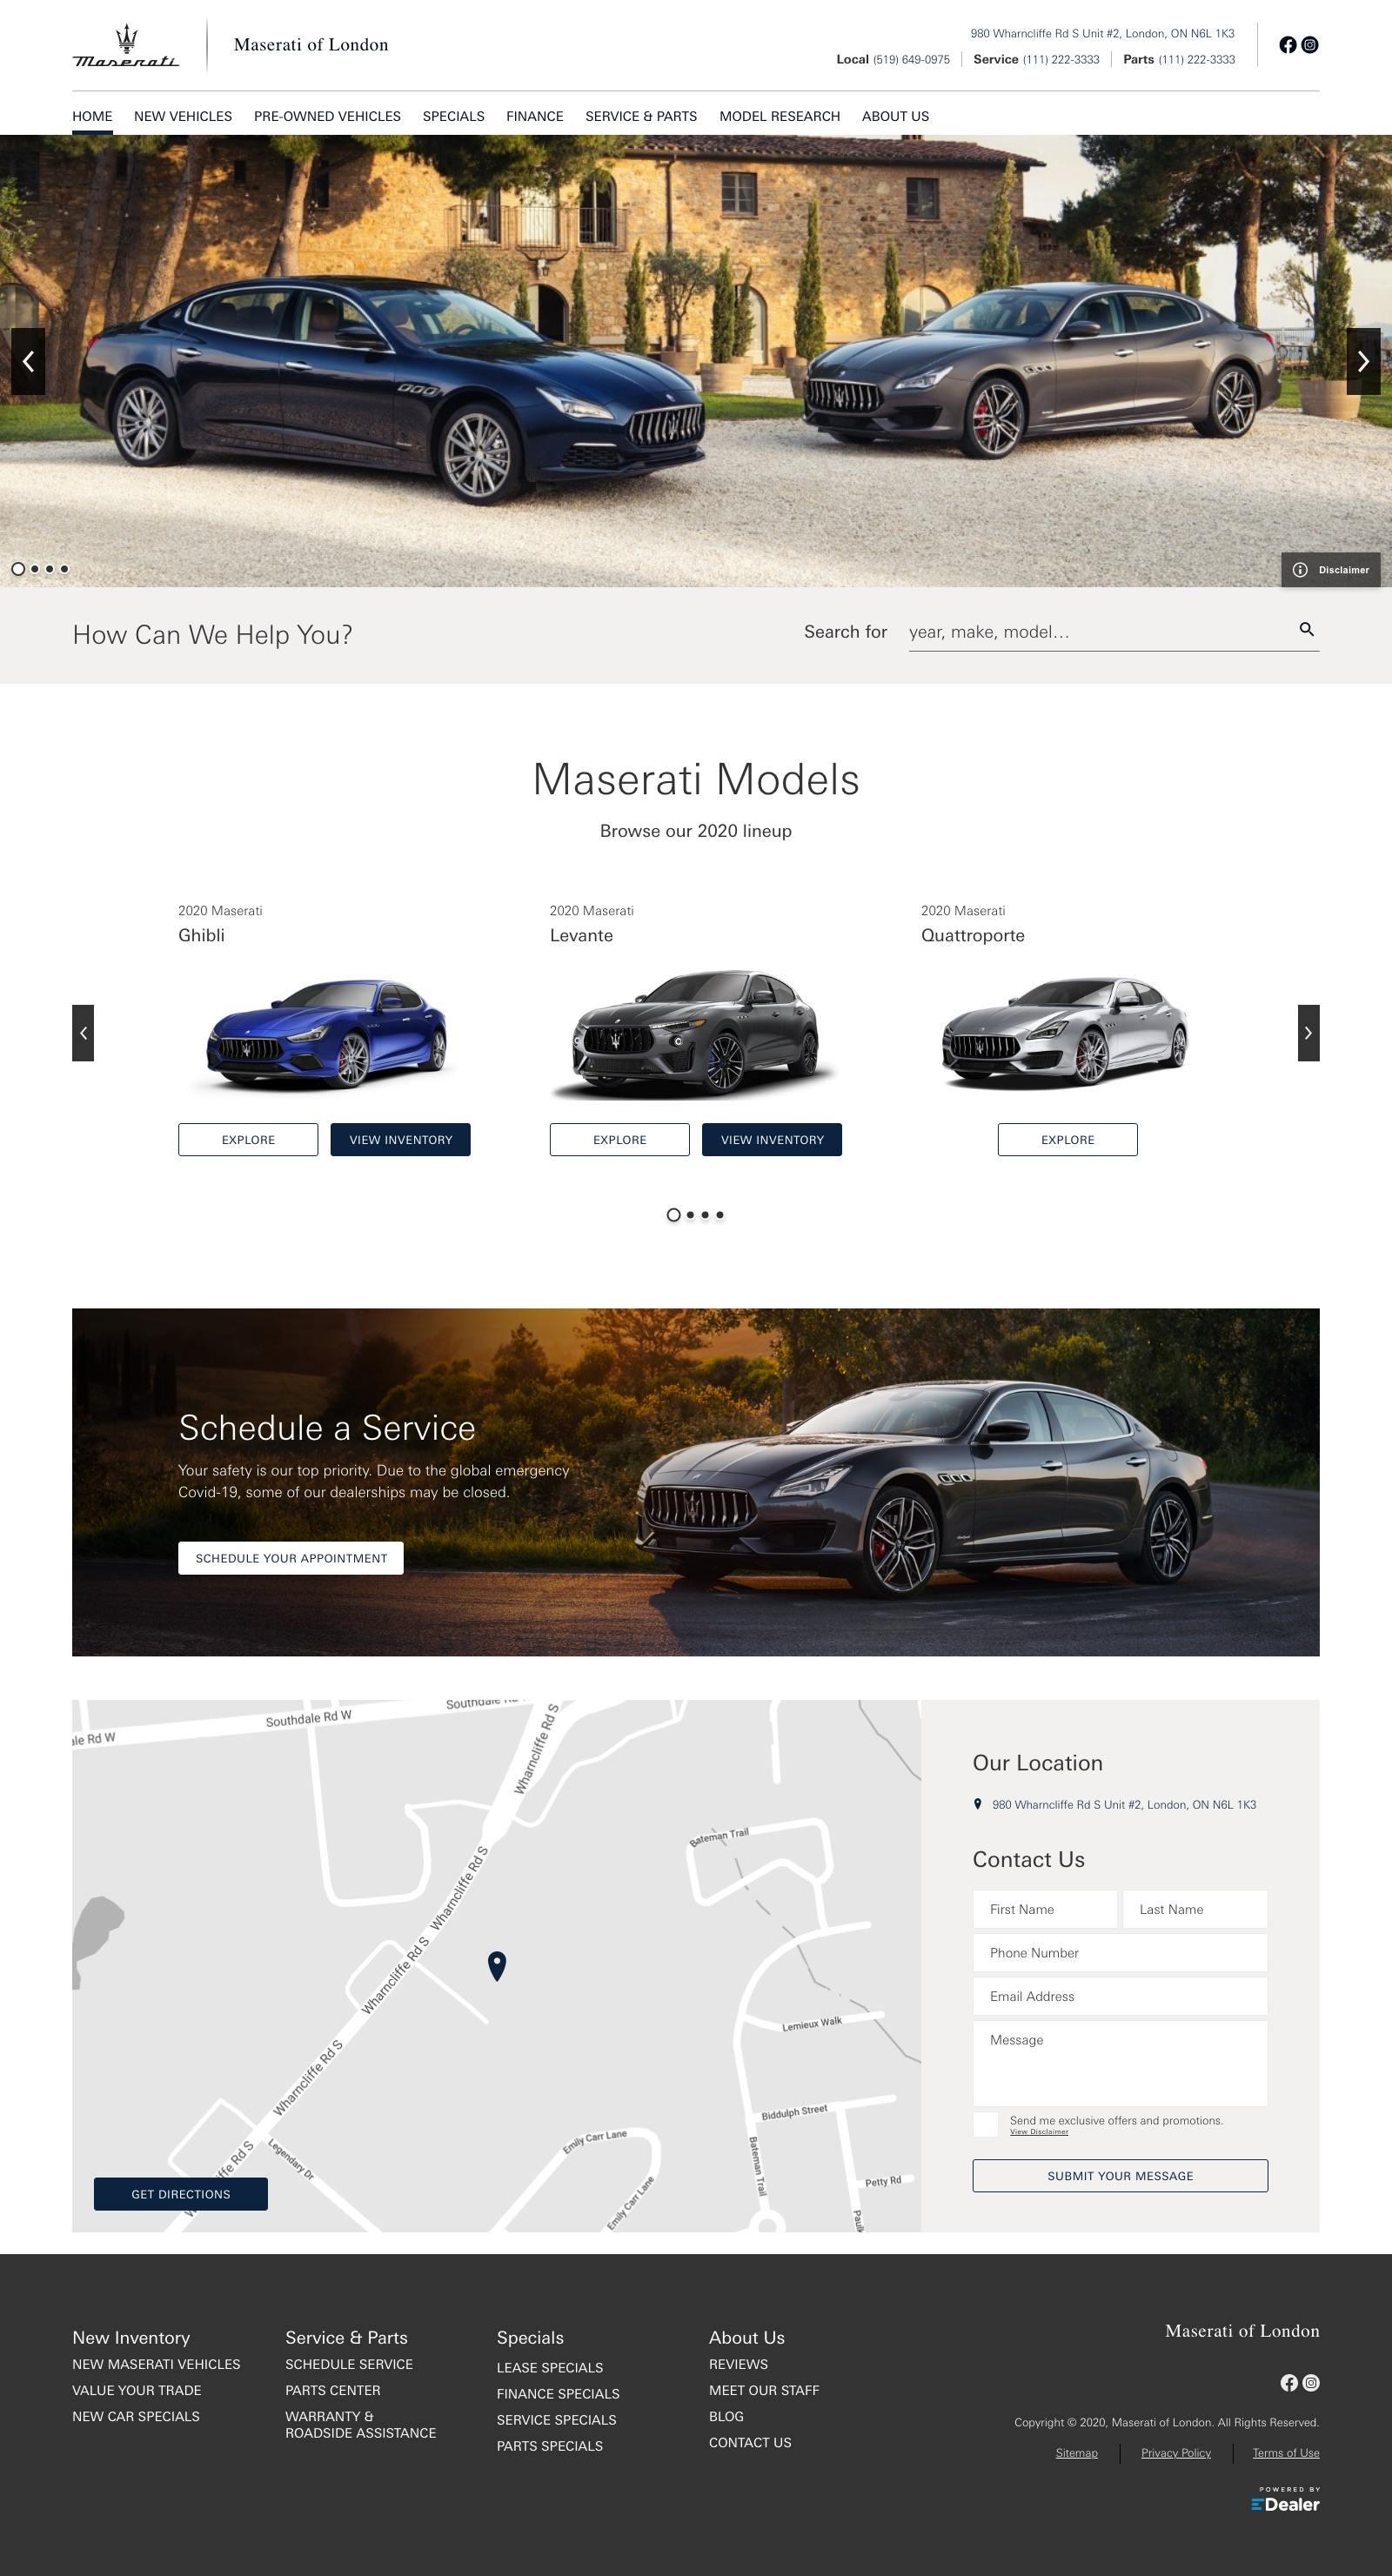 Maserati of London